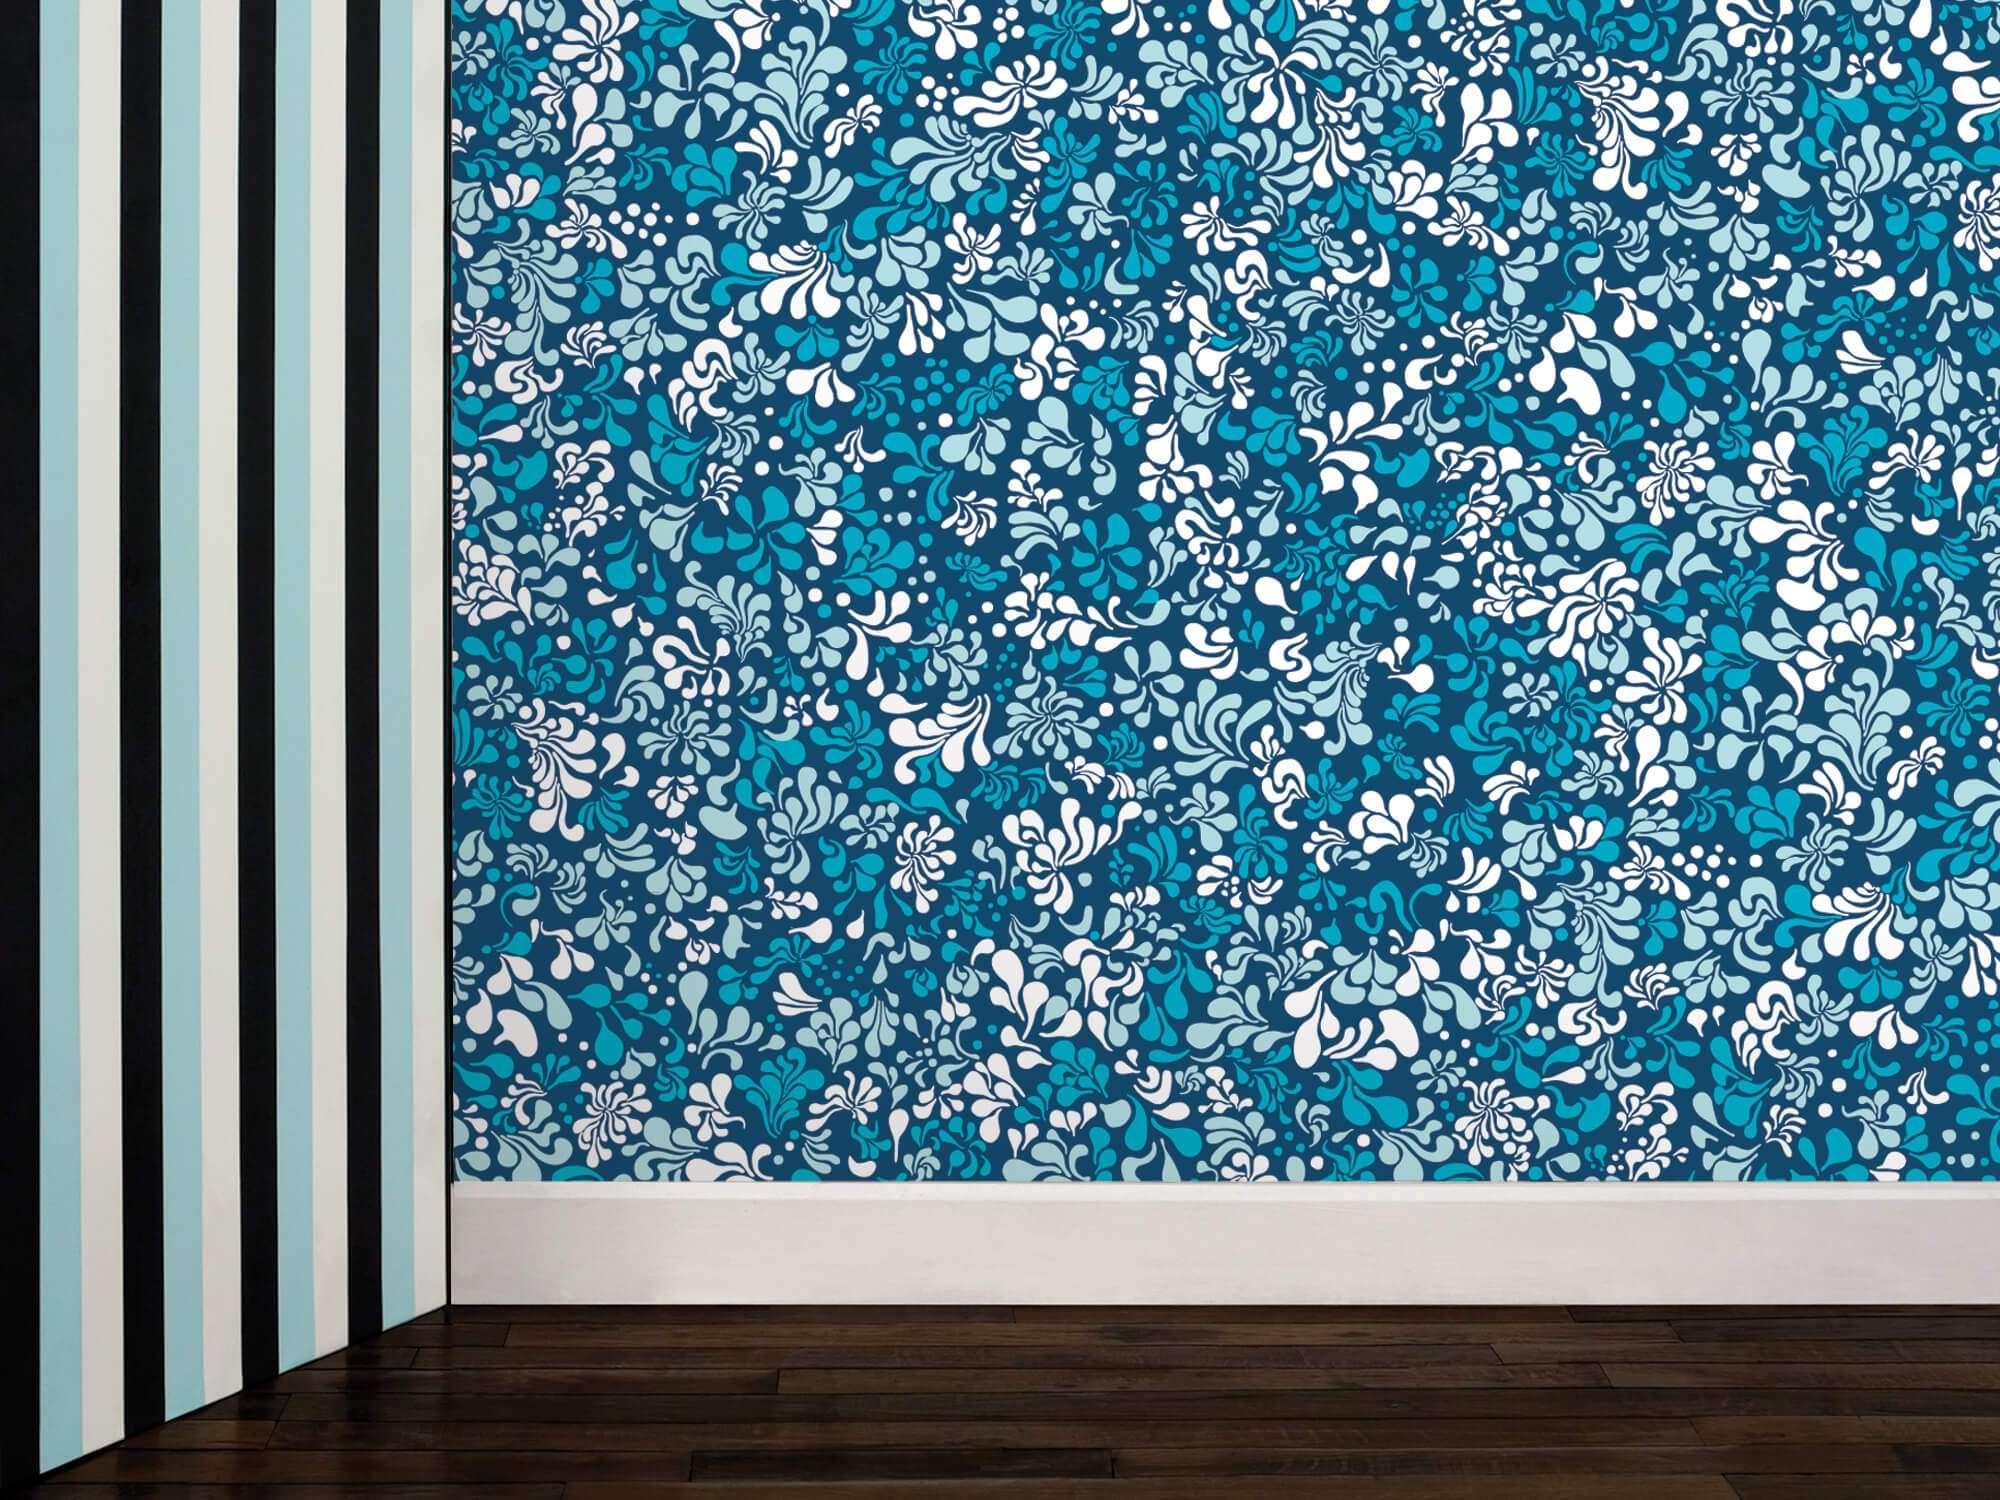 Papier peint Minipop flower bleu et blanc pour une décoration florale phosphorescent, design IchetKar